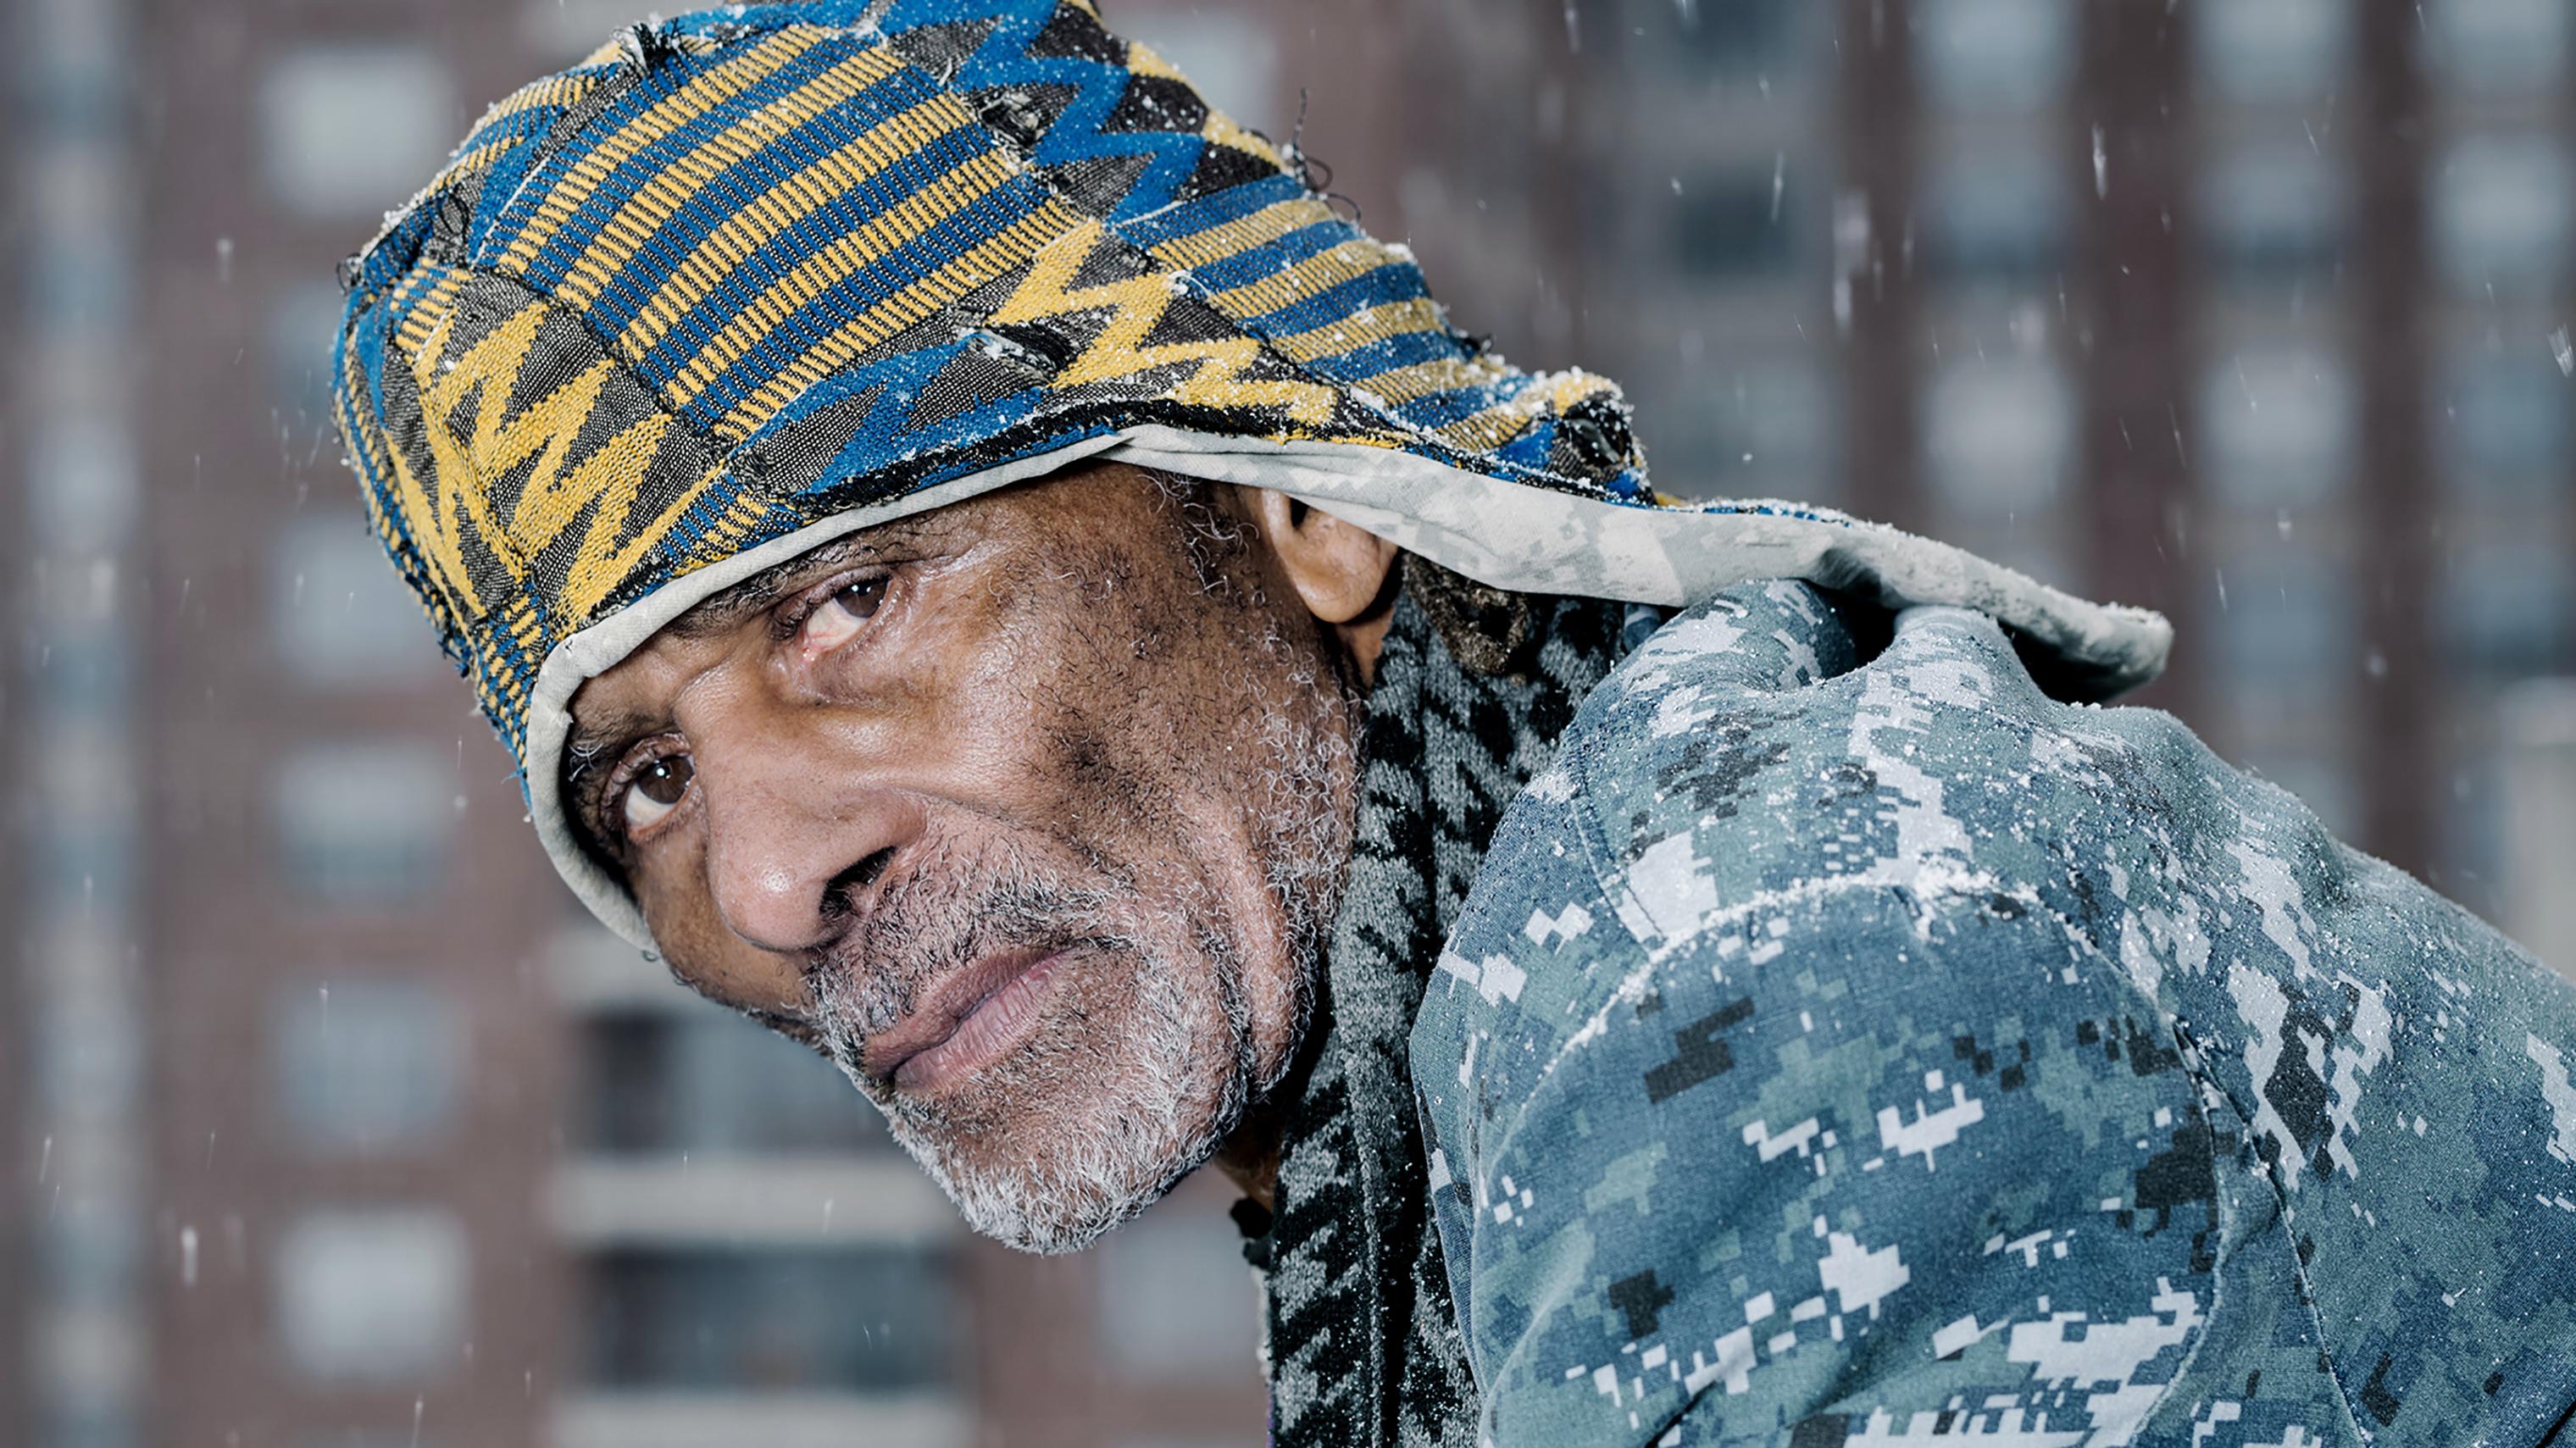 William  Tony  A. Maynard in Co-op City, Bronx, N.Y., on Feb. 20.